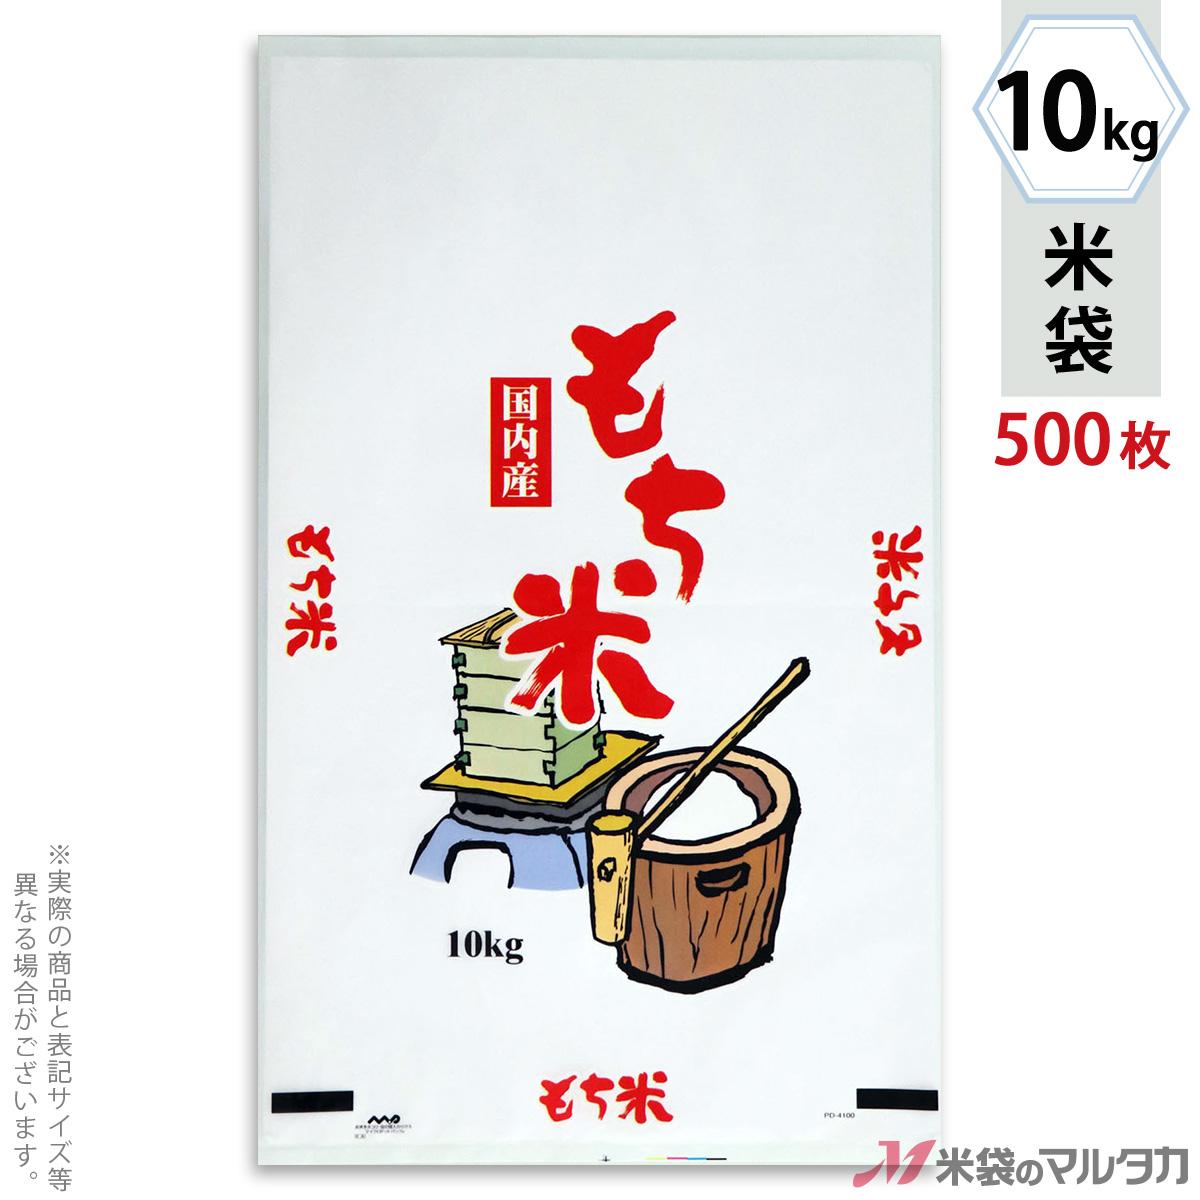 米袋 ポリ乳白 マイクロドット もち米 せいろ 10kg 1ケース(500枚入) PD-4100